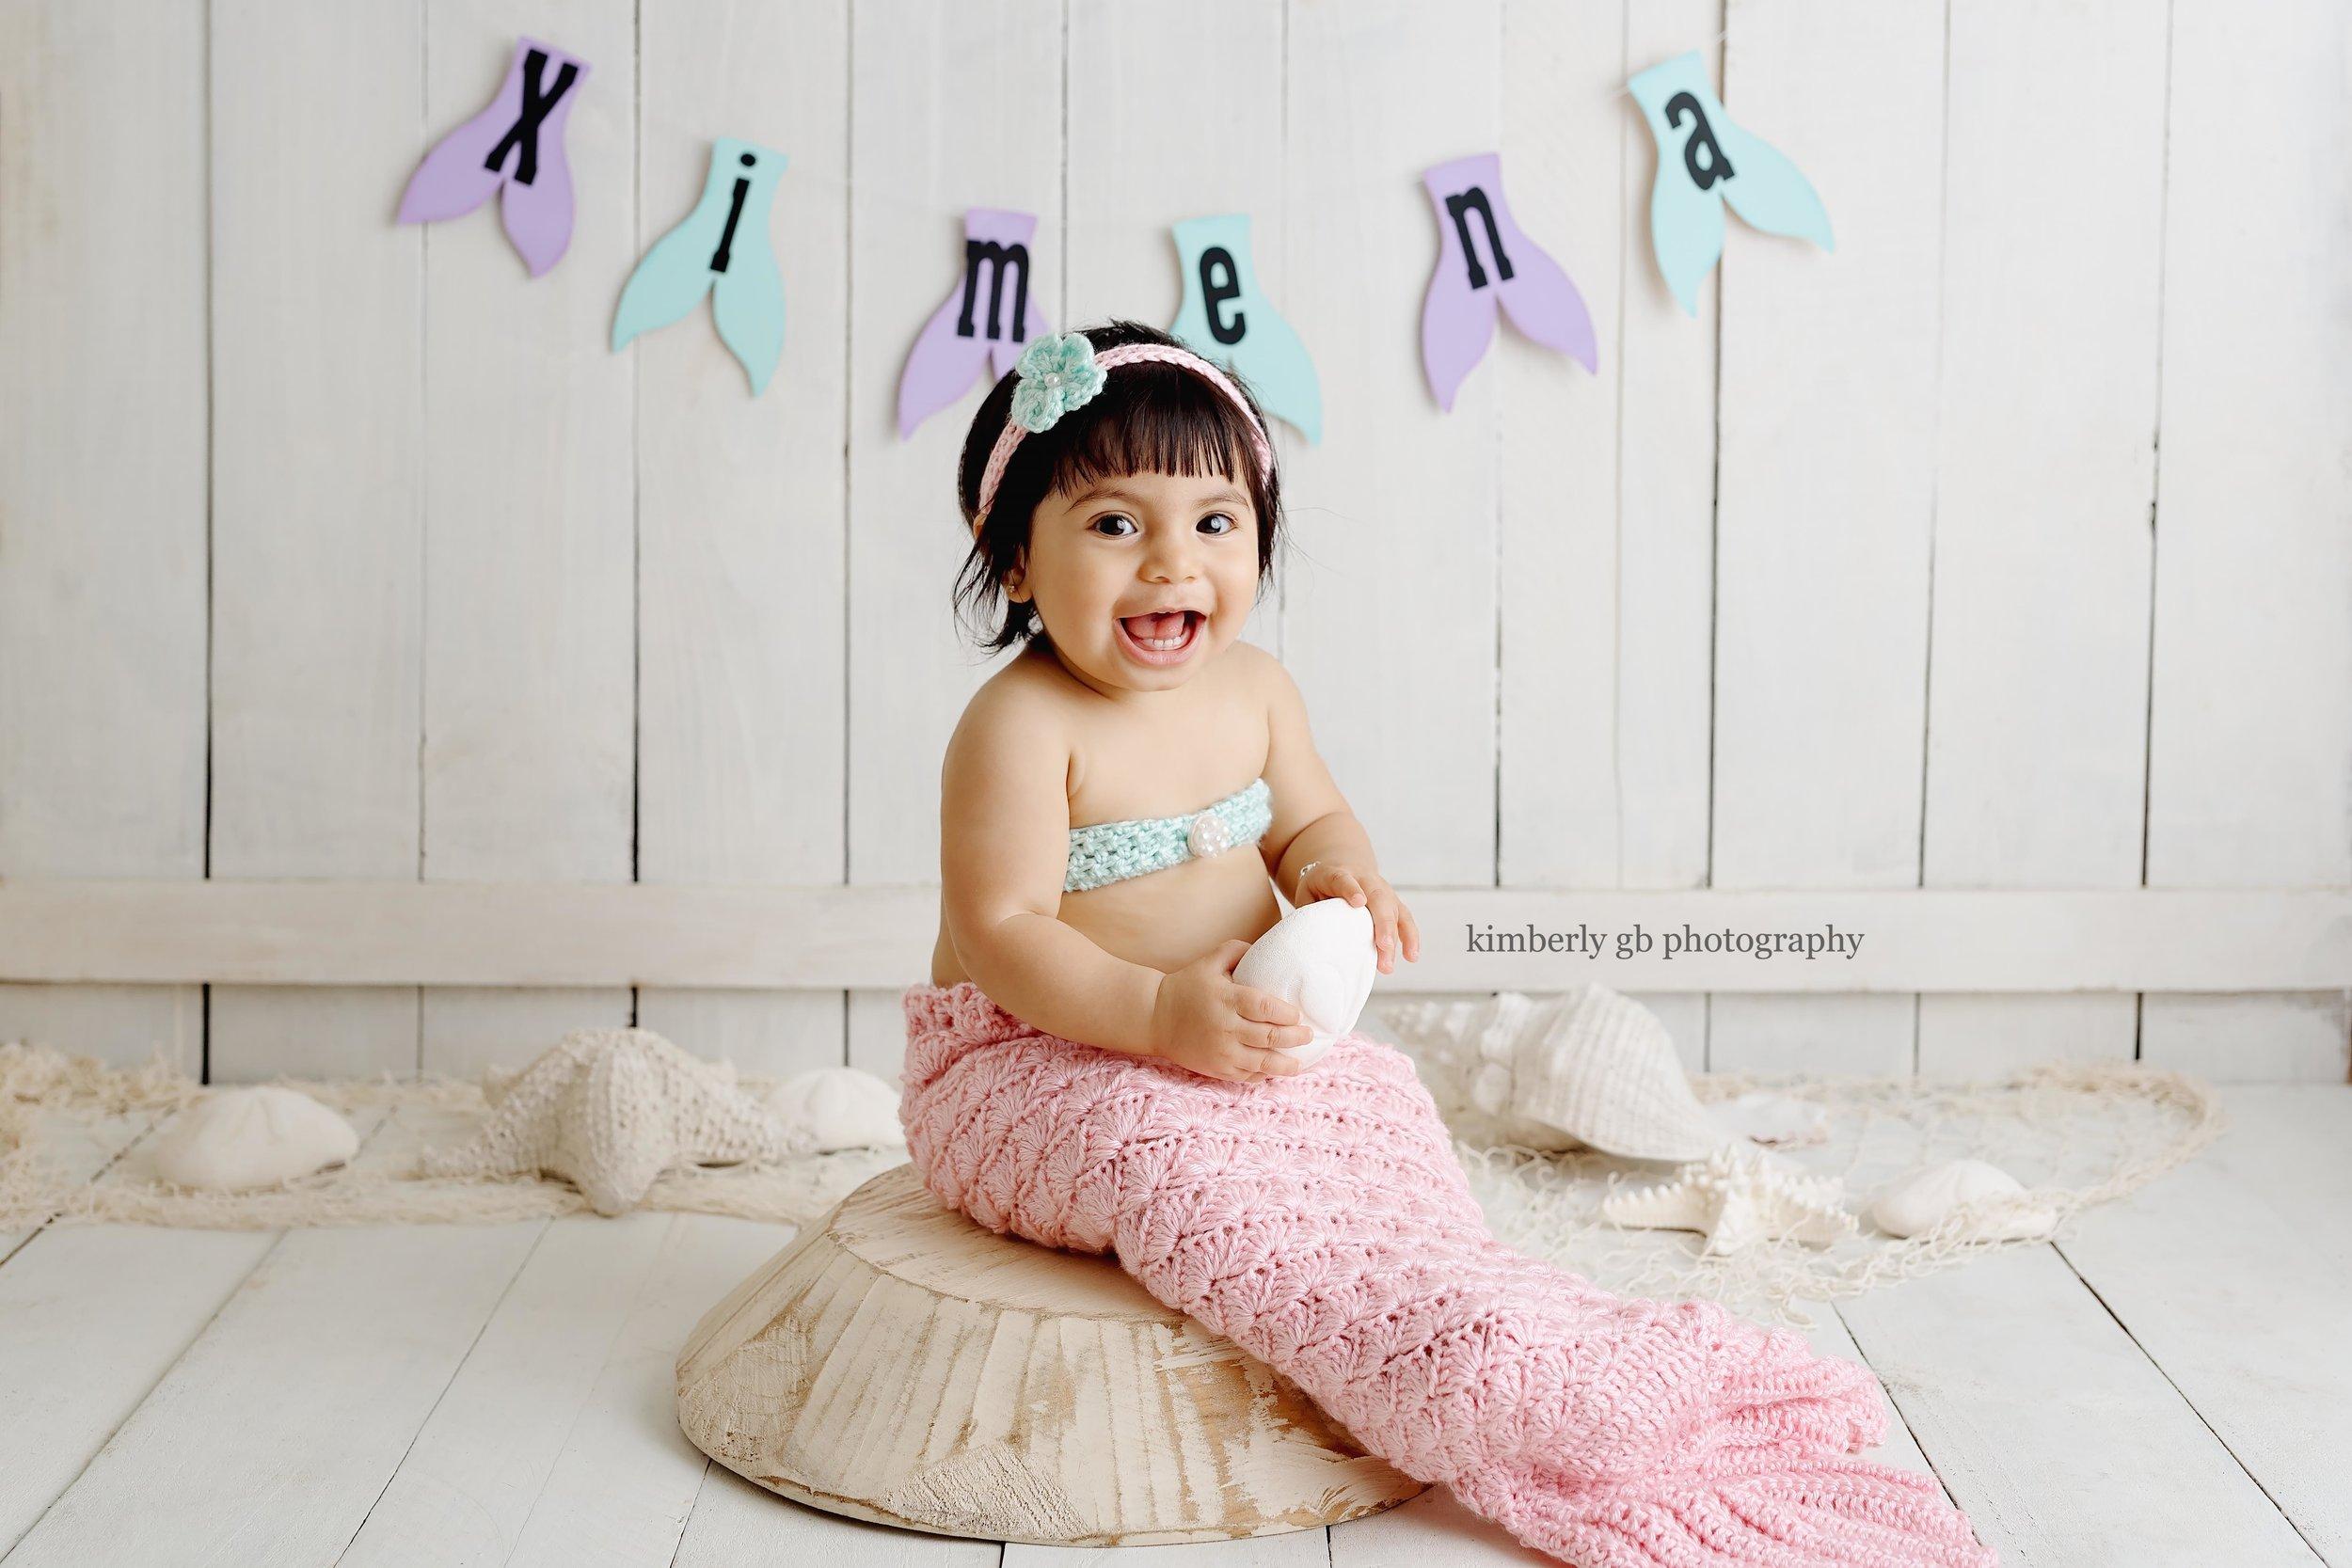 baby-and-children-photographer-first-year-cake-smash-in-puerto-rico-kimberly-gb-photography-fotografa-169.jpg